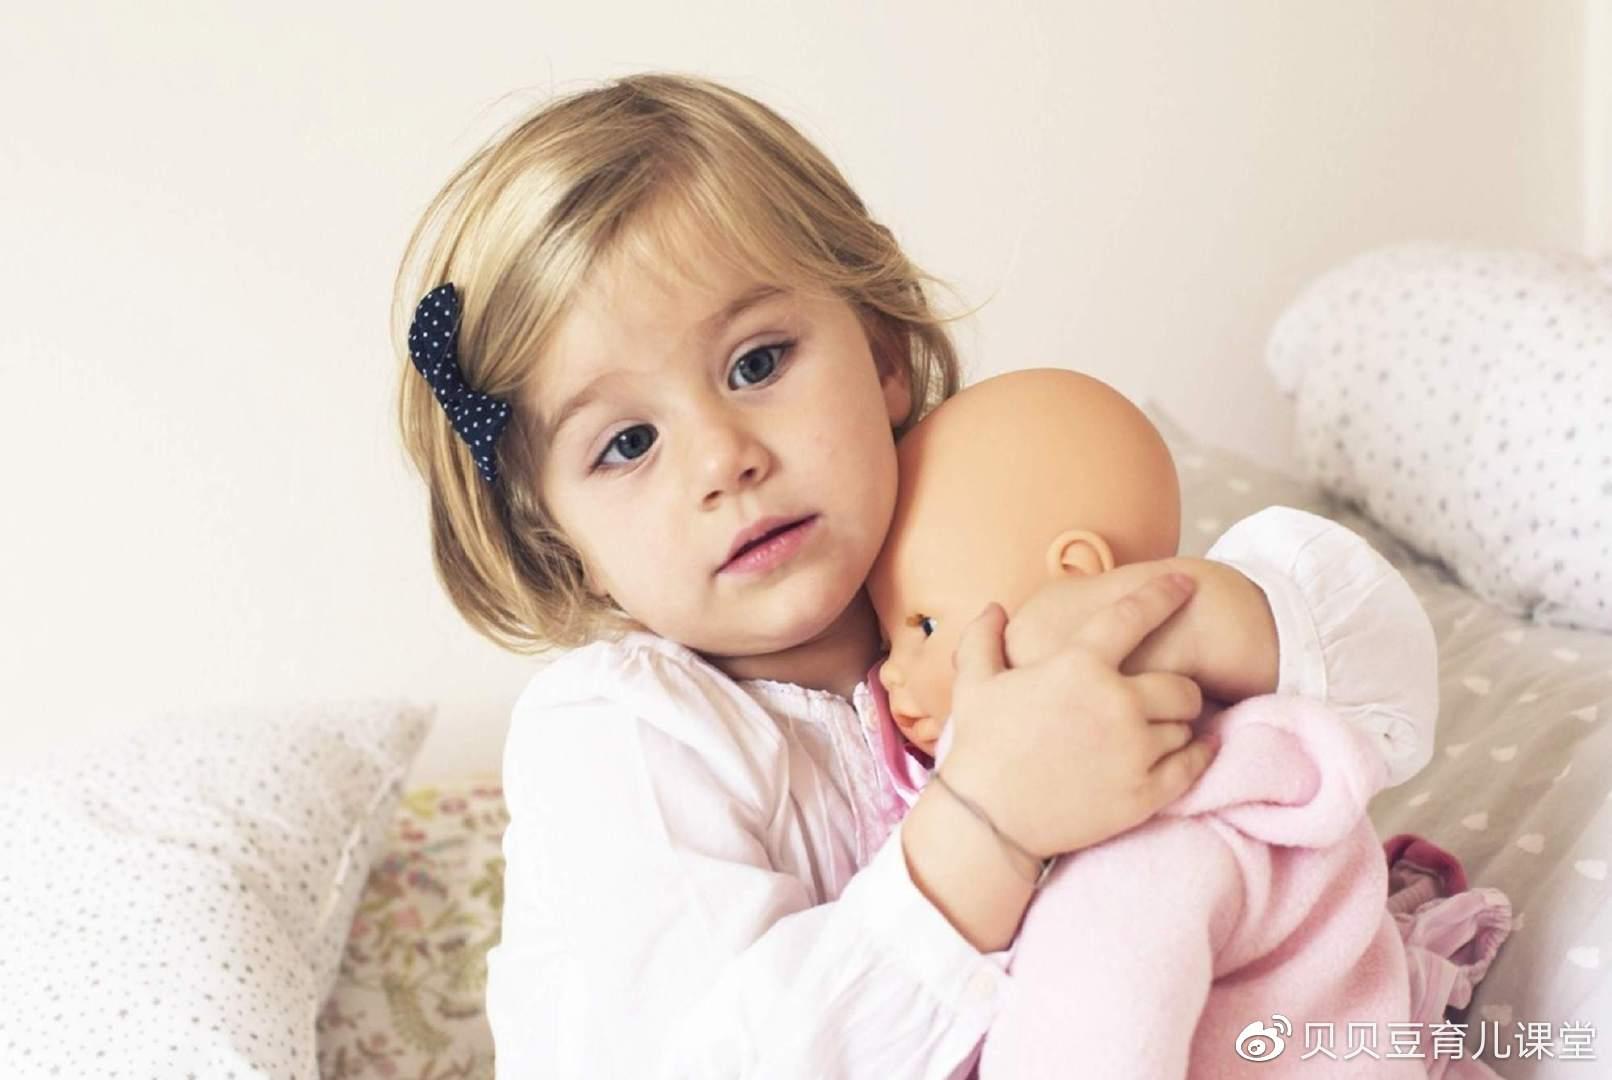 """为什么说安全感是人生底色?育儿不可盲目跟风,别做""""坑娃父母"""""""